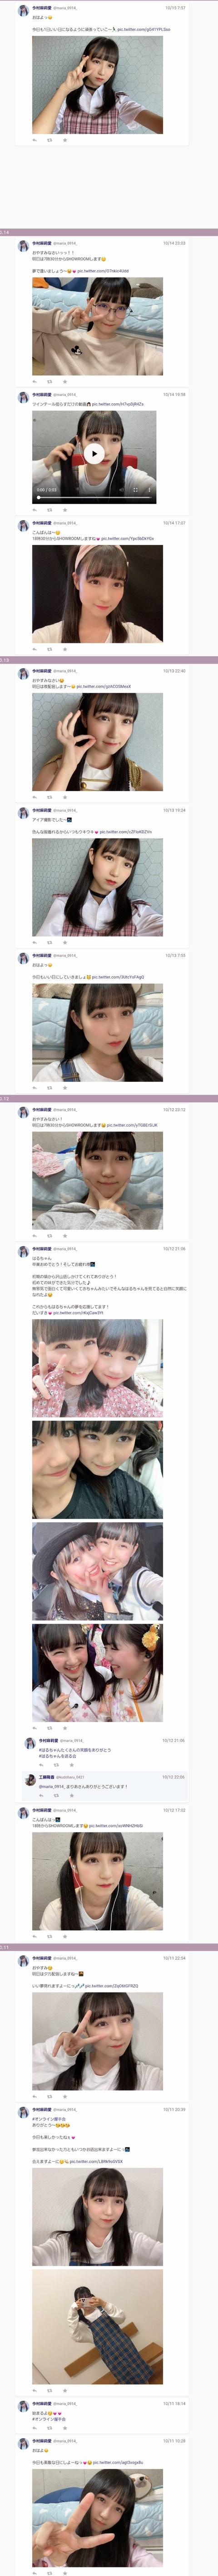 【HKT48】今村麻莉愛ちゃんのTwitterが「おはよう」「おやすみ」だらけw